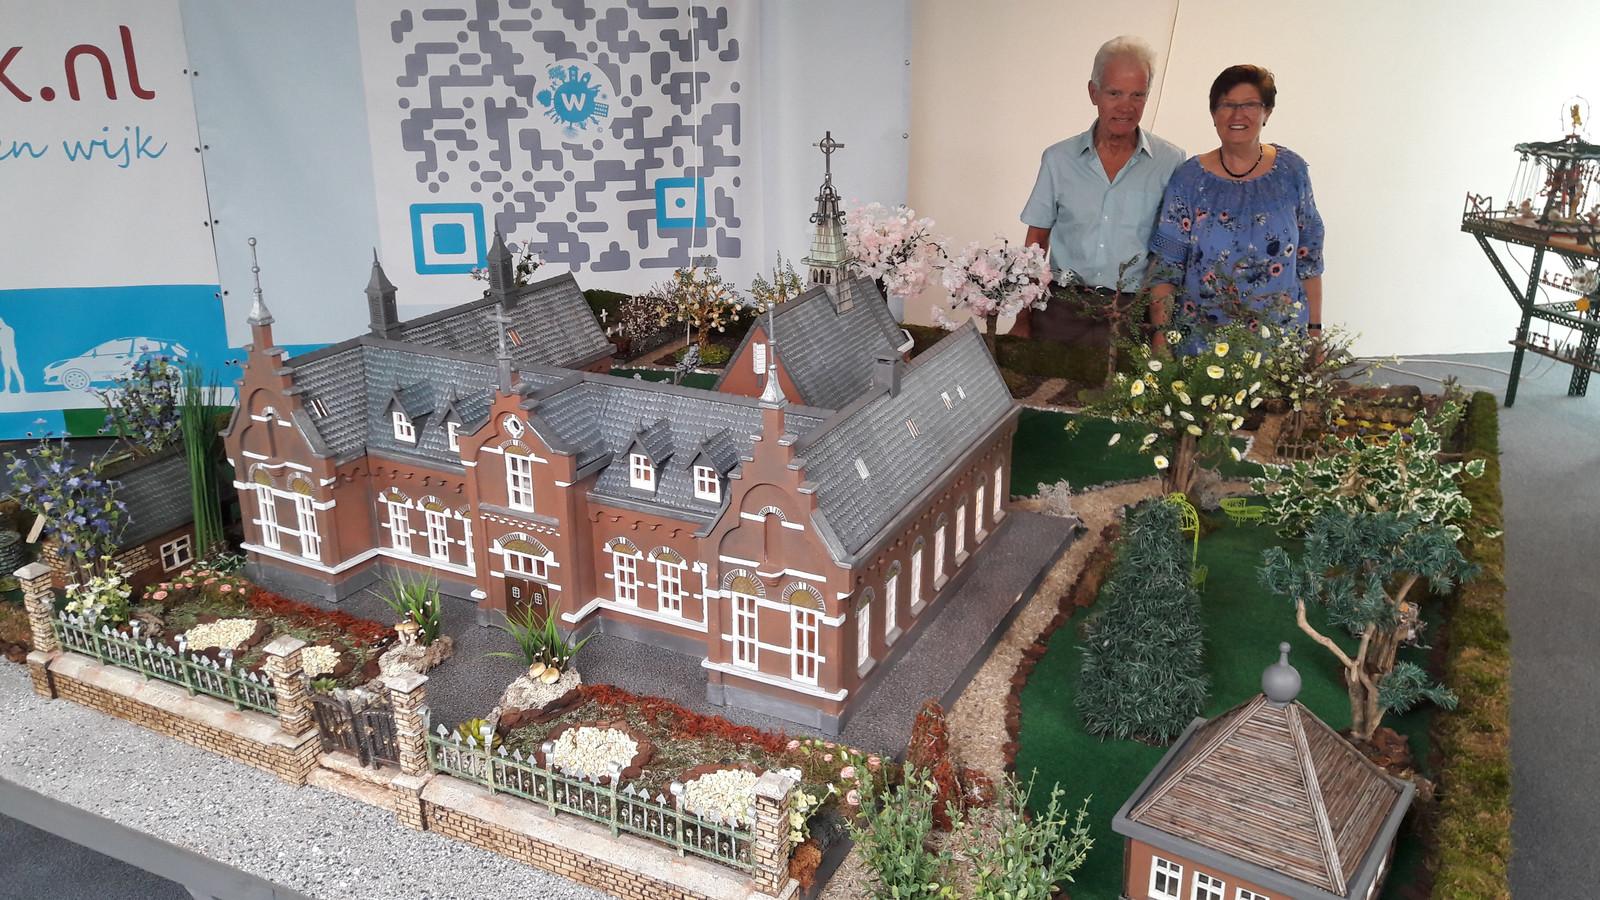 De laatste maquette die Gerrit en Nellie van Neerven hebben gemaakt: het oude klooster van Mierlo-Hout.